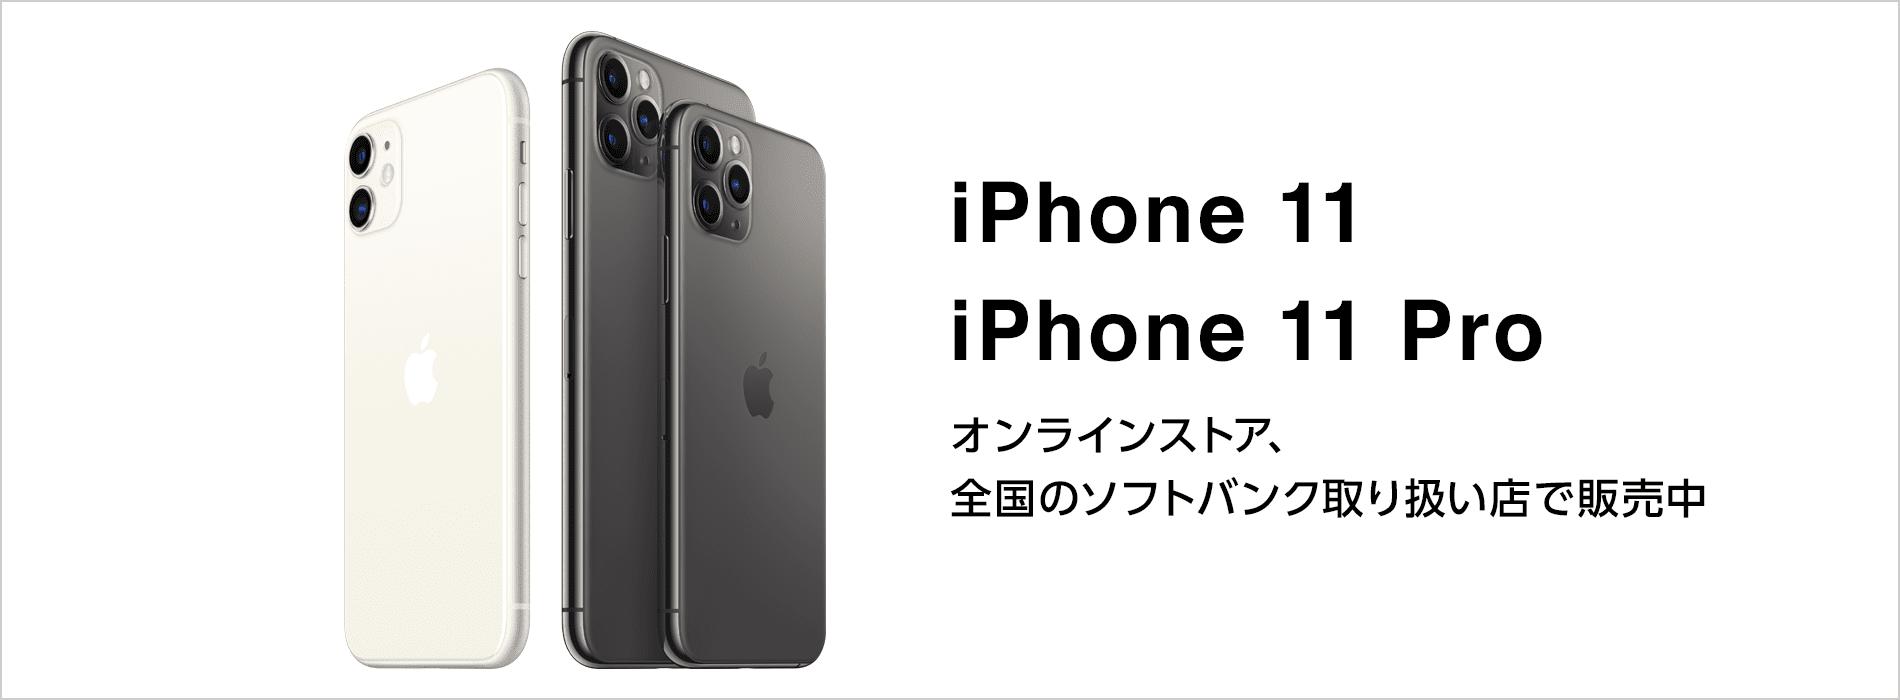 iPhone 11 iPhone 11 Pro オンラインストア、全国のソフトバンク取り扱い店で販売中